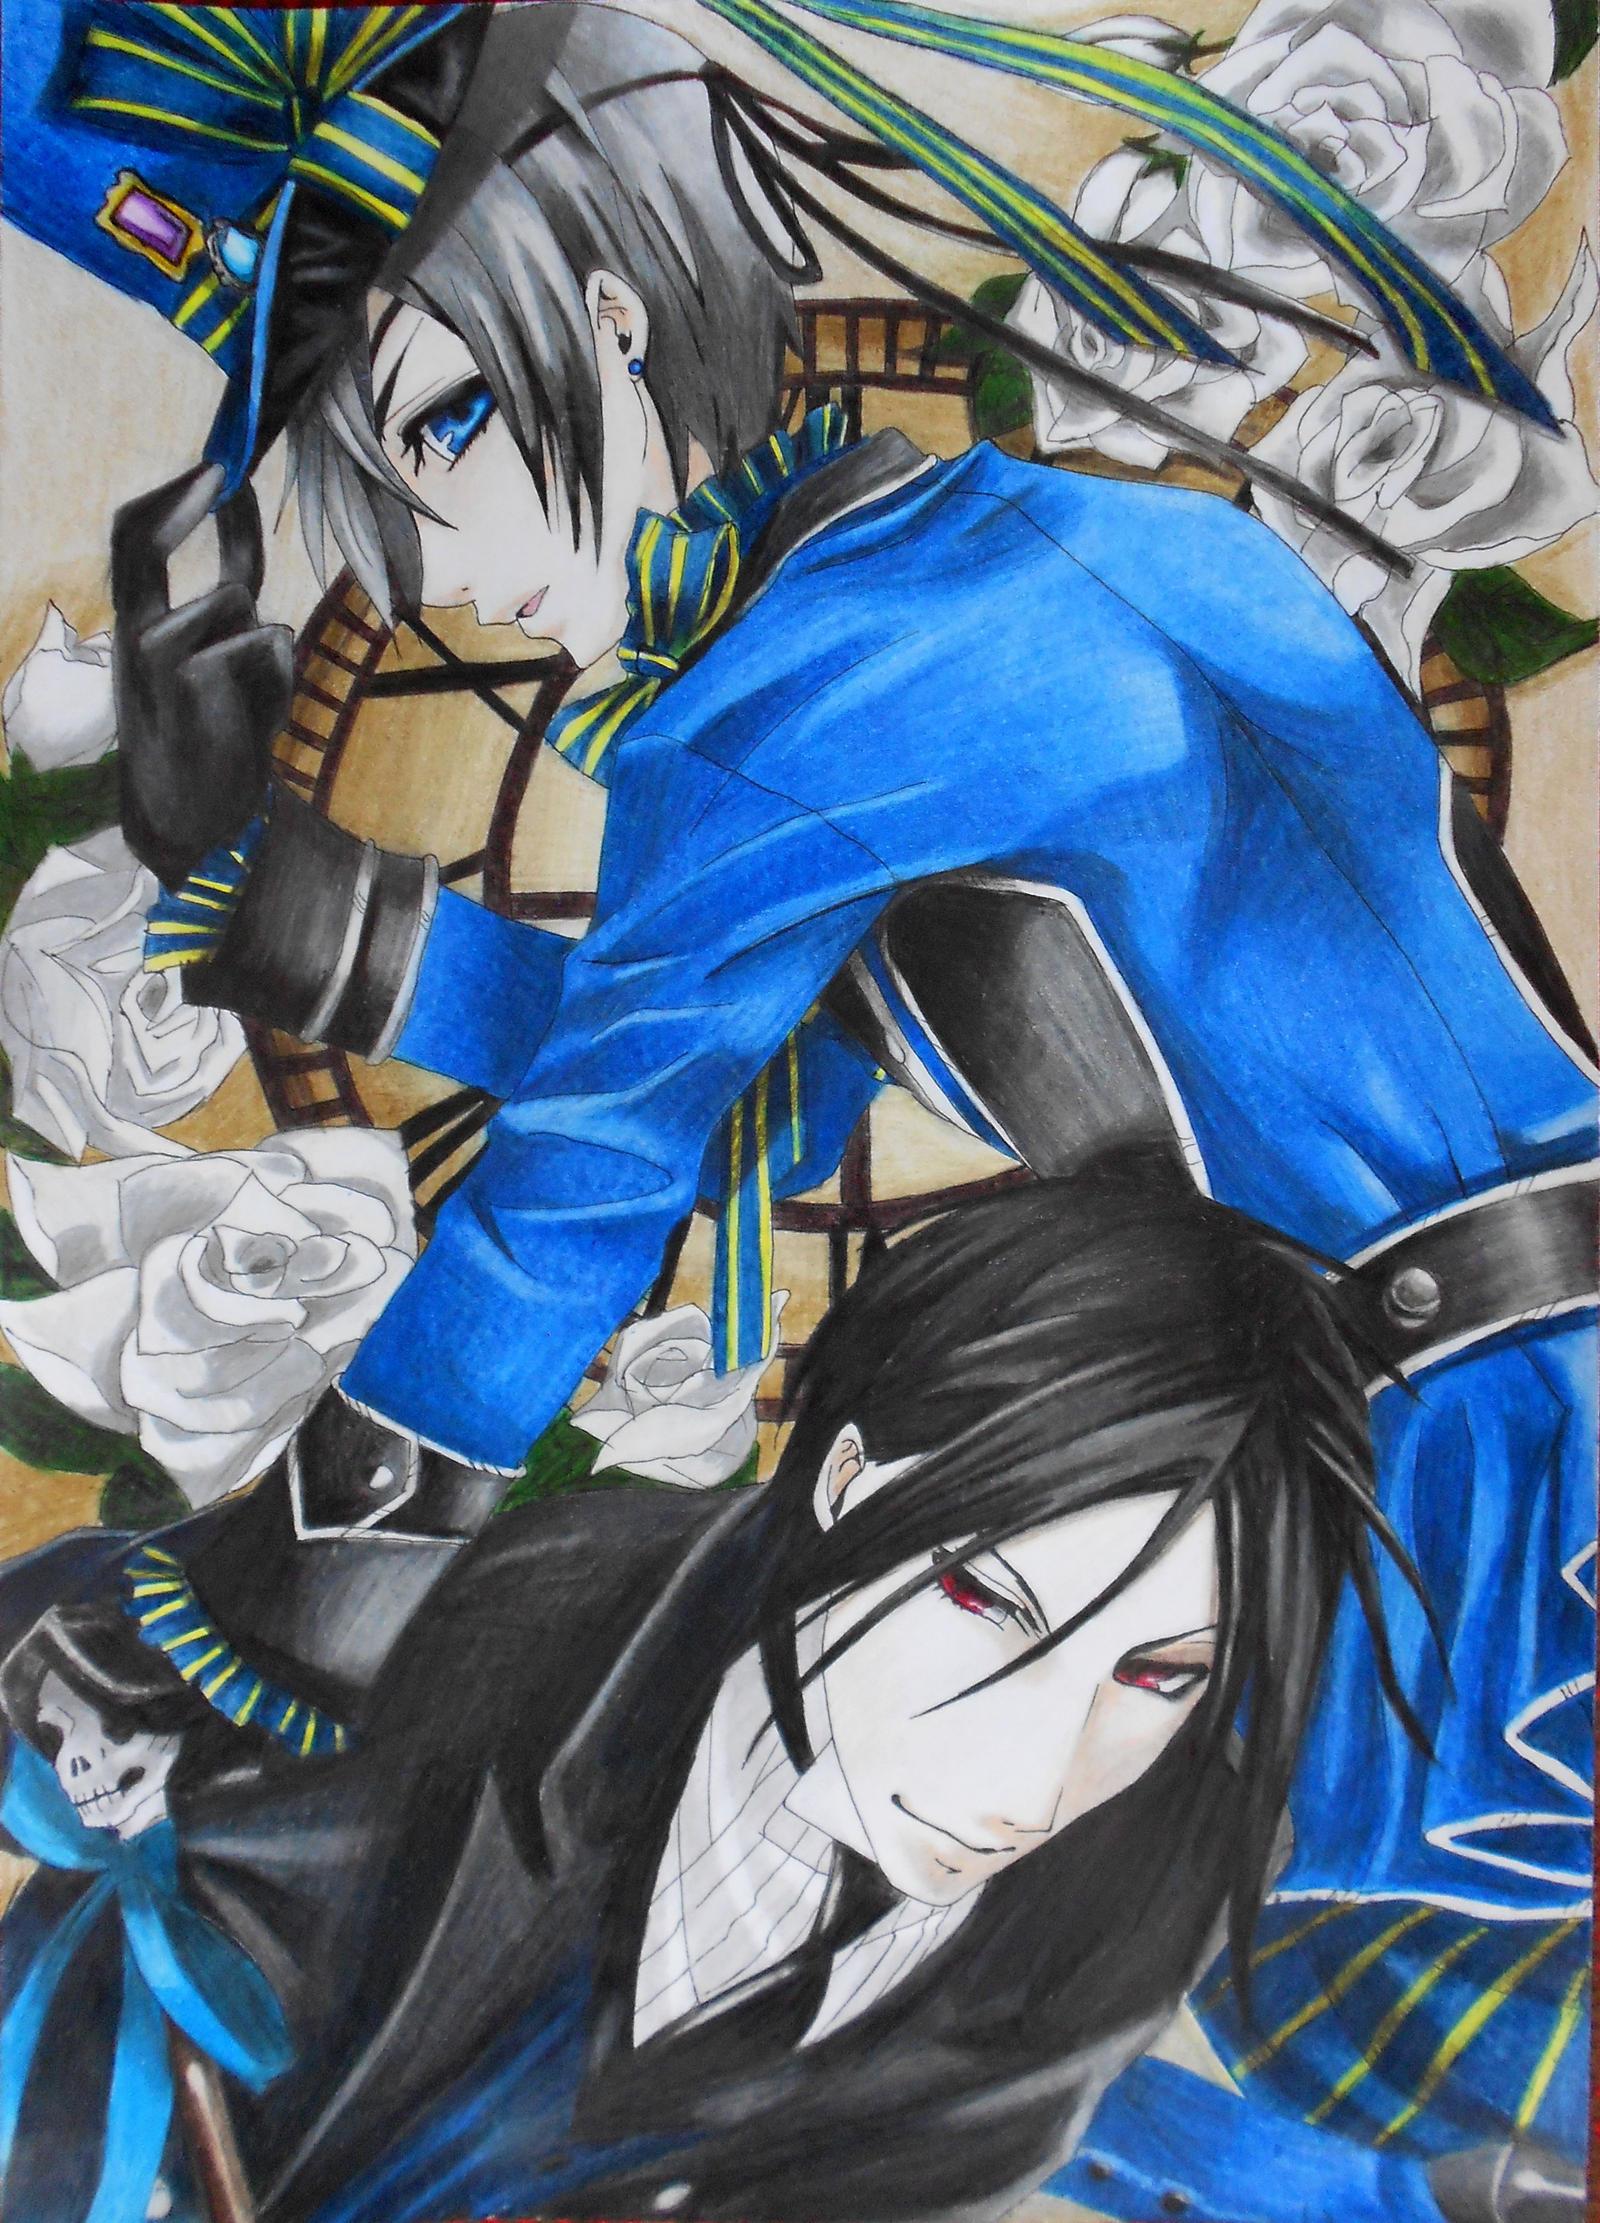 Kuroshitsuji by LiliyaZ